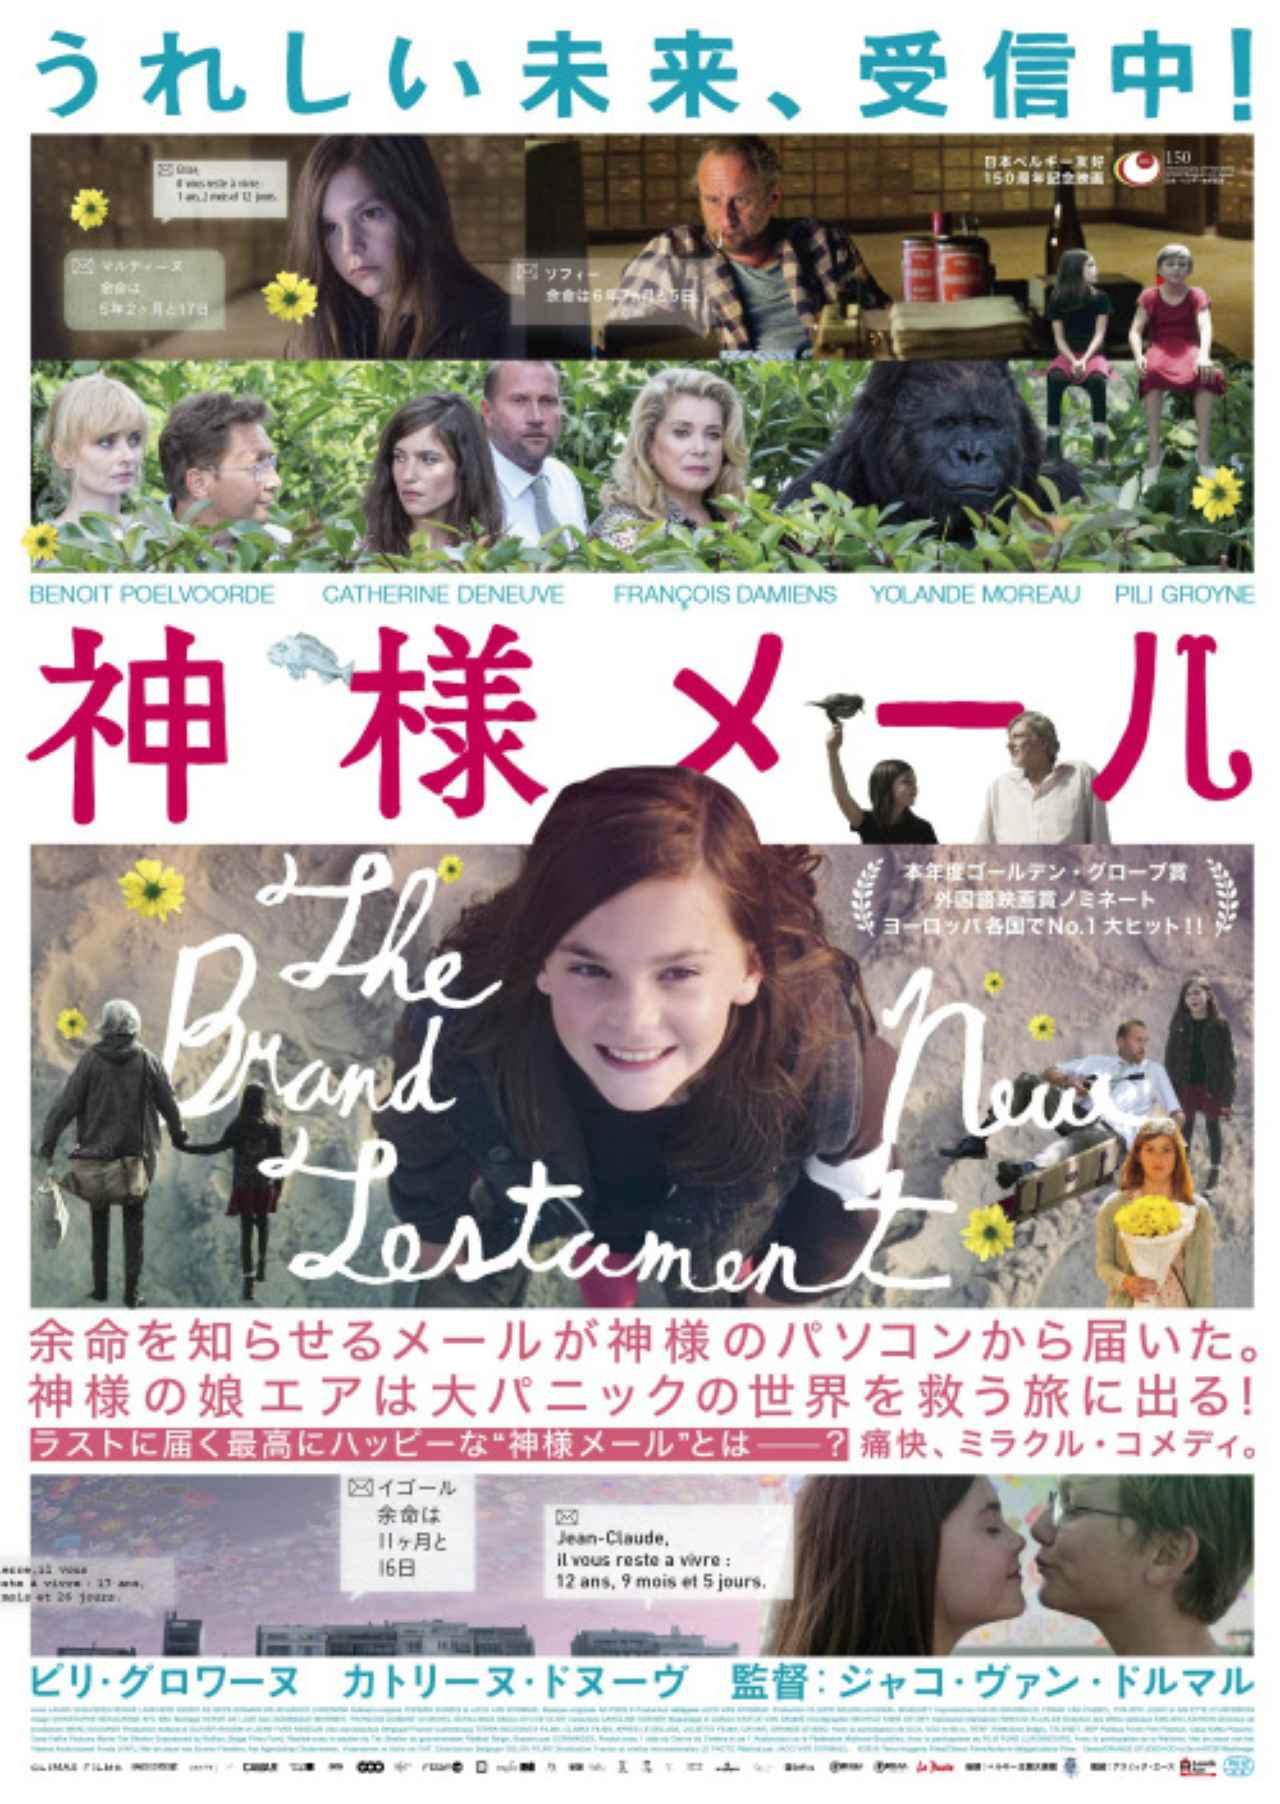 画像2: http://kamisama.asmik-ace.co.jp/ #intro